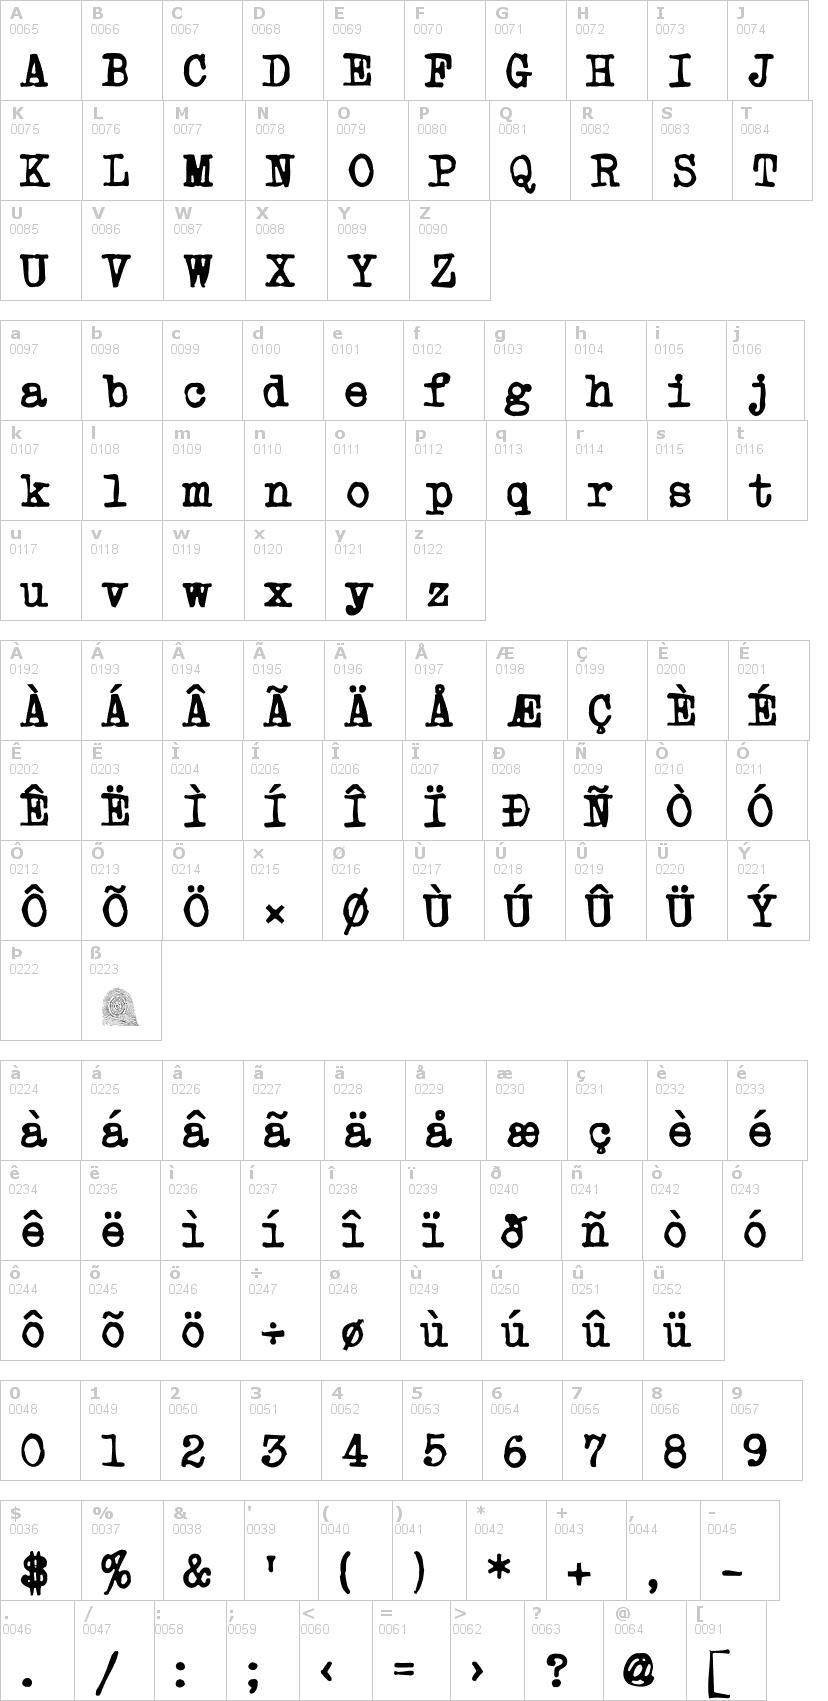 Lettere dell'alfabeto del font powderfinger con le quali è possibile realizzare adesivi prespaziati